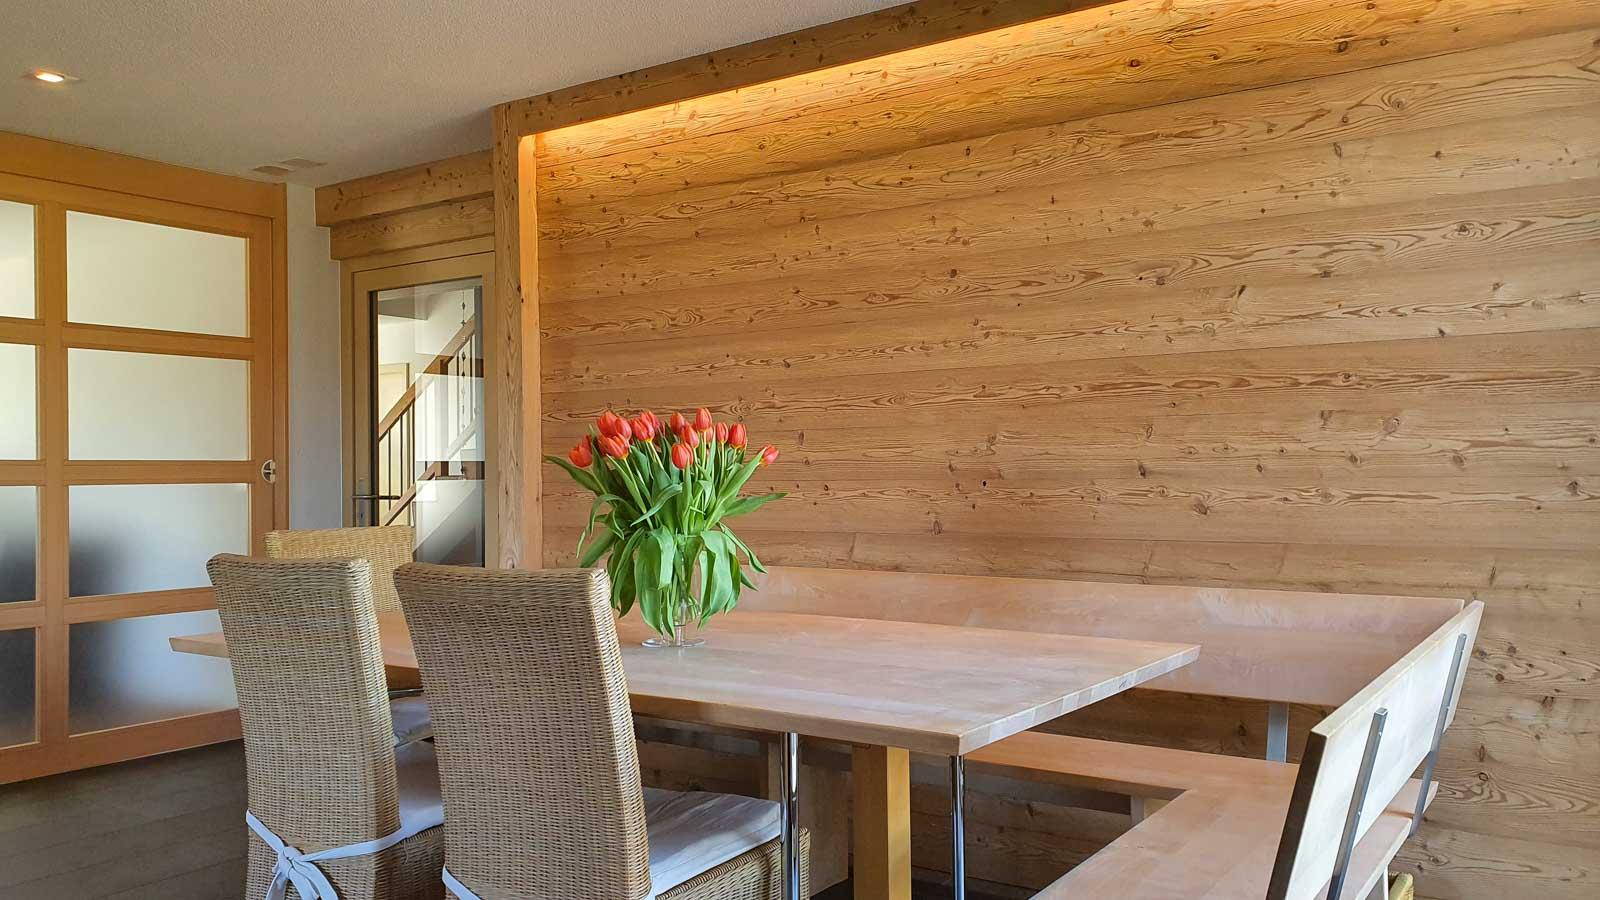 Wooddesign_Raumtrenner_Türen_Schiebetüren_Akustikverkleidungen_Altholz_Wandverkleidung_Glasfüllung_LED Beleuchtung (3)